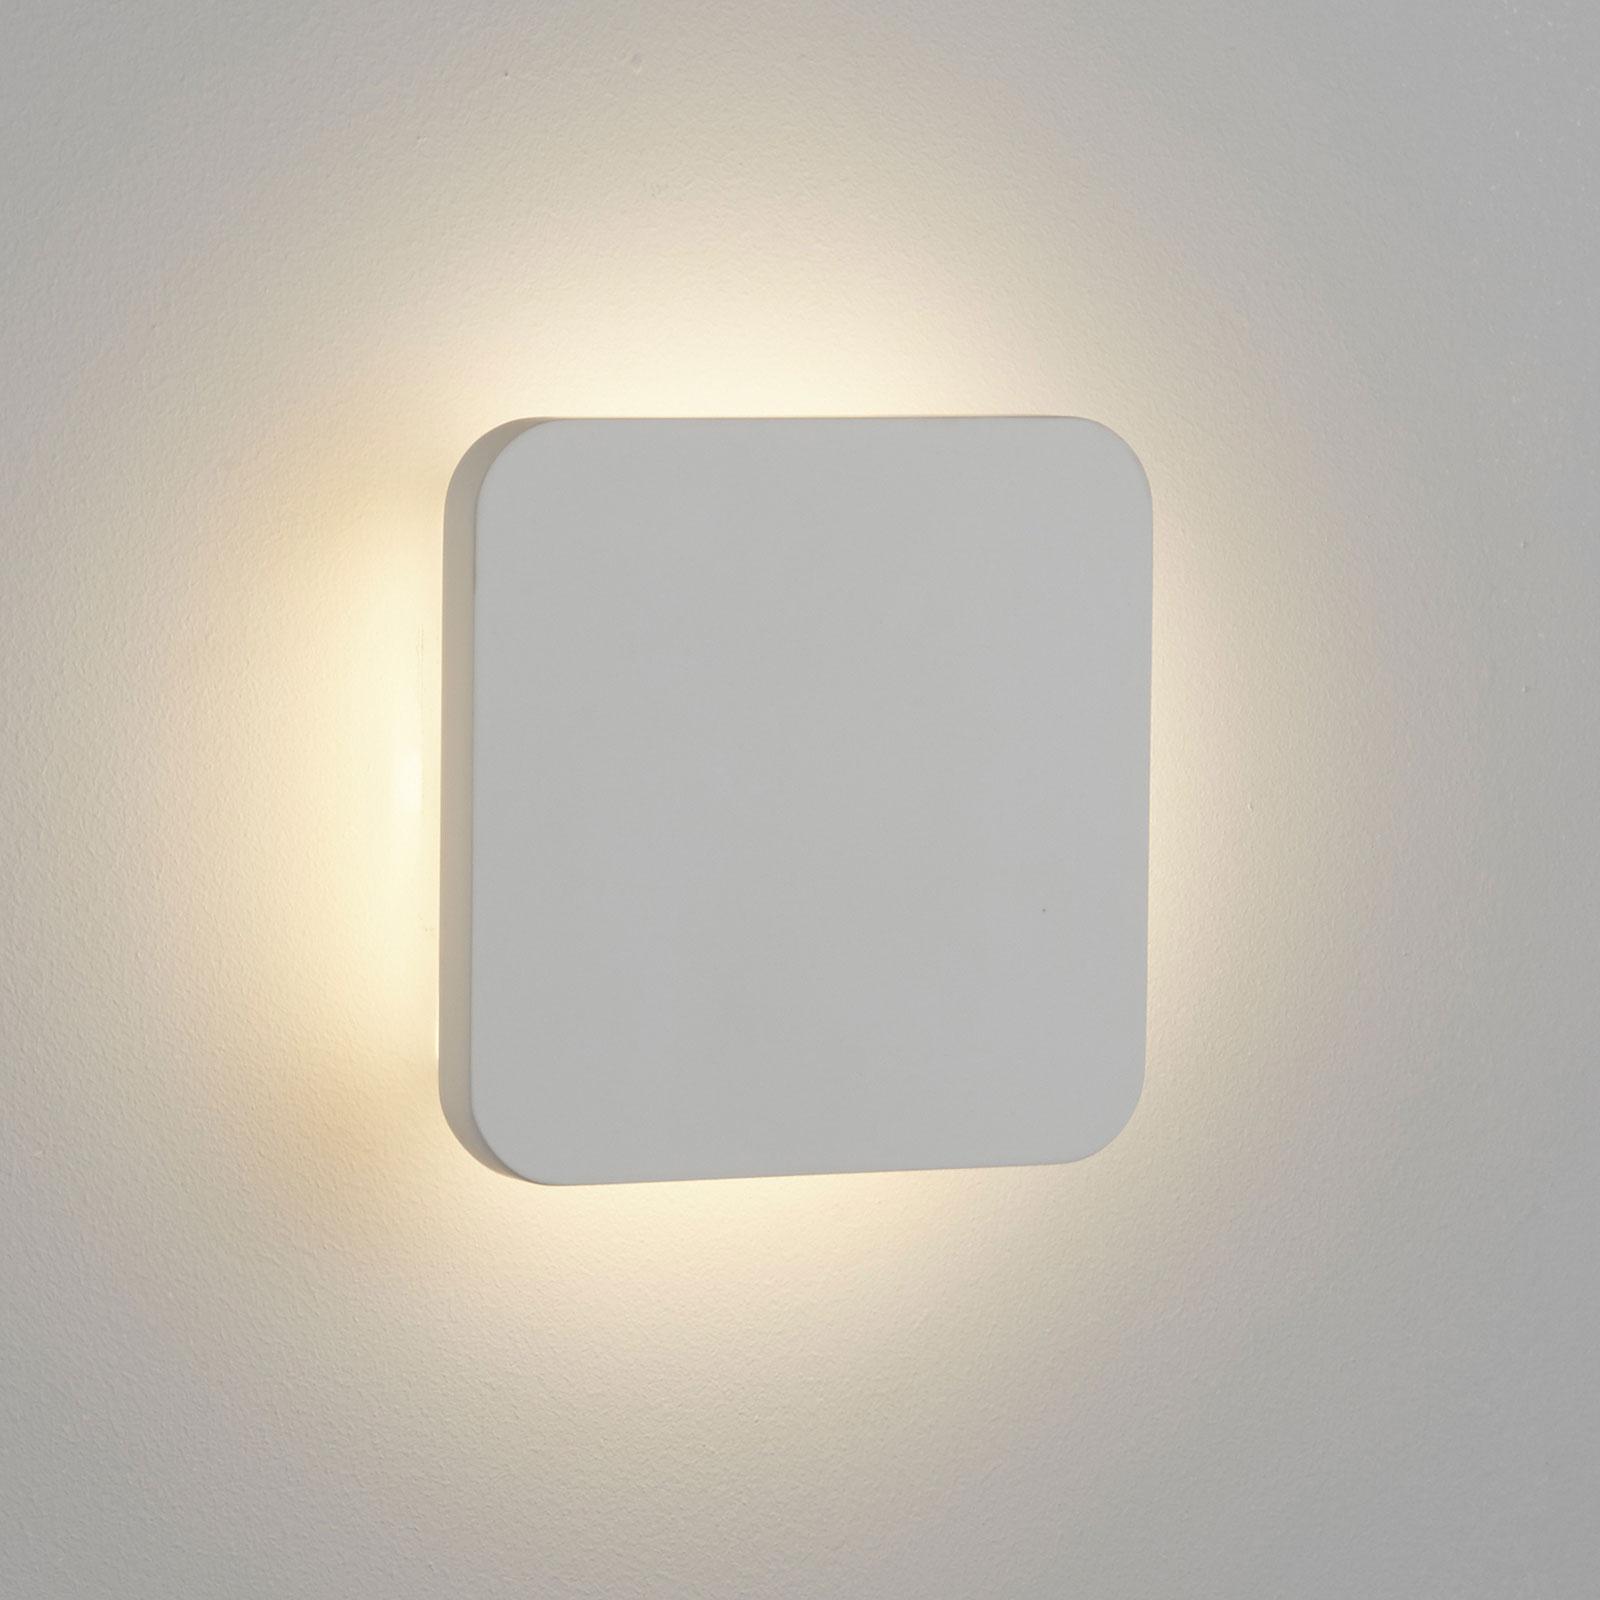 LED wandlamp Gypsum 15x15cm van witte gips